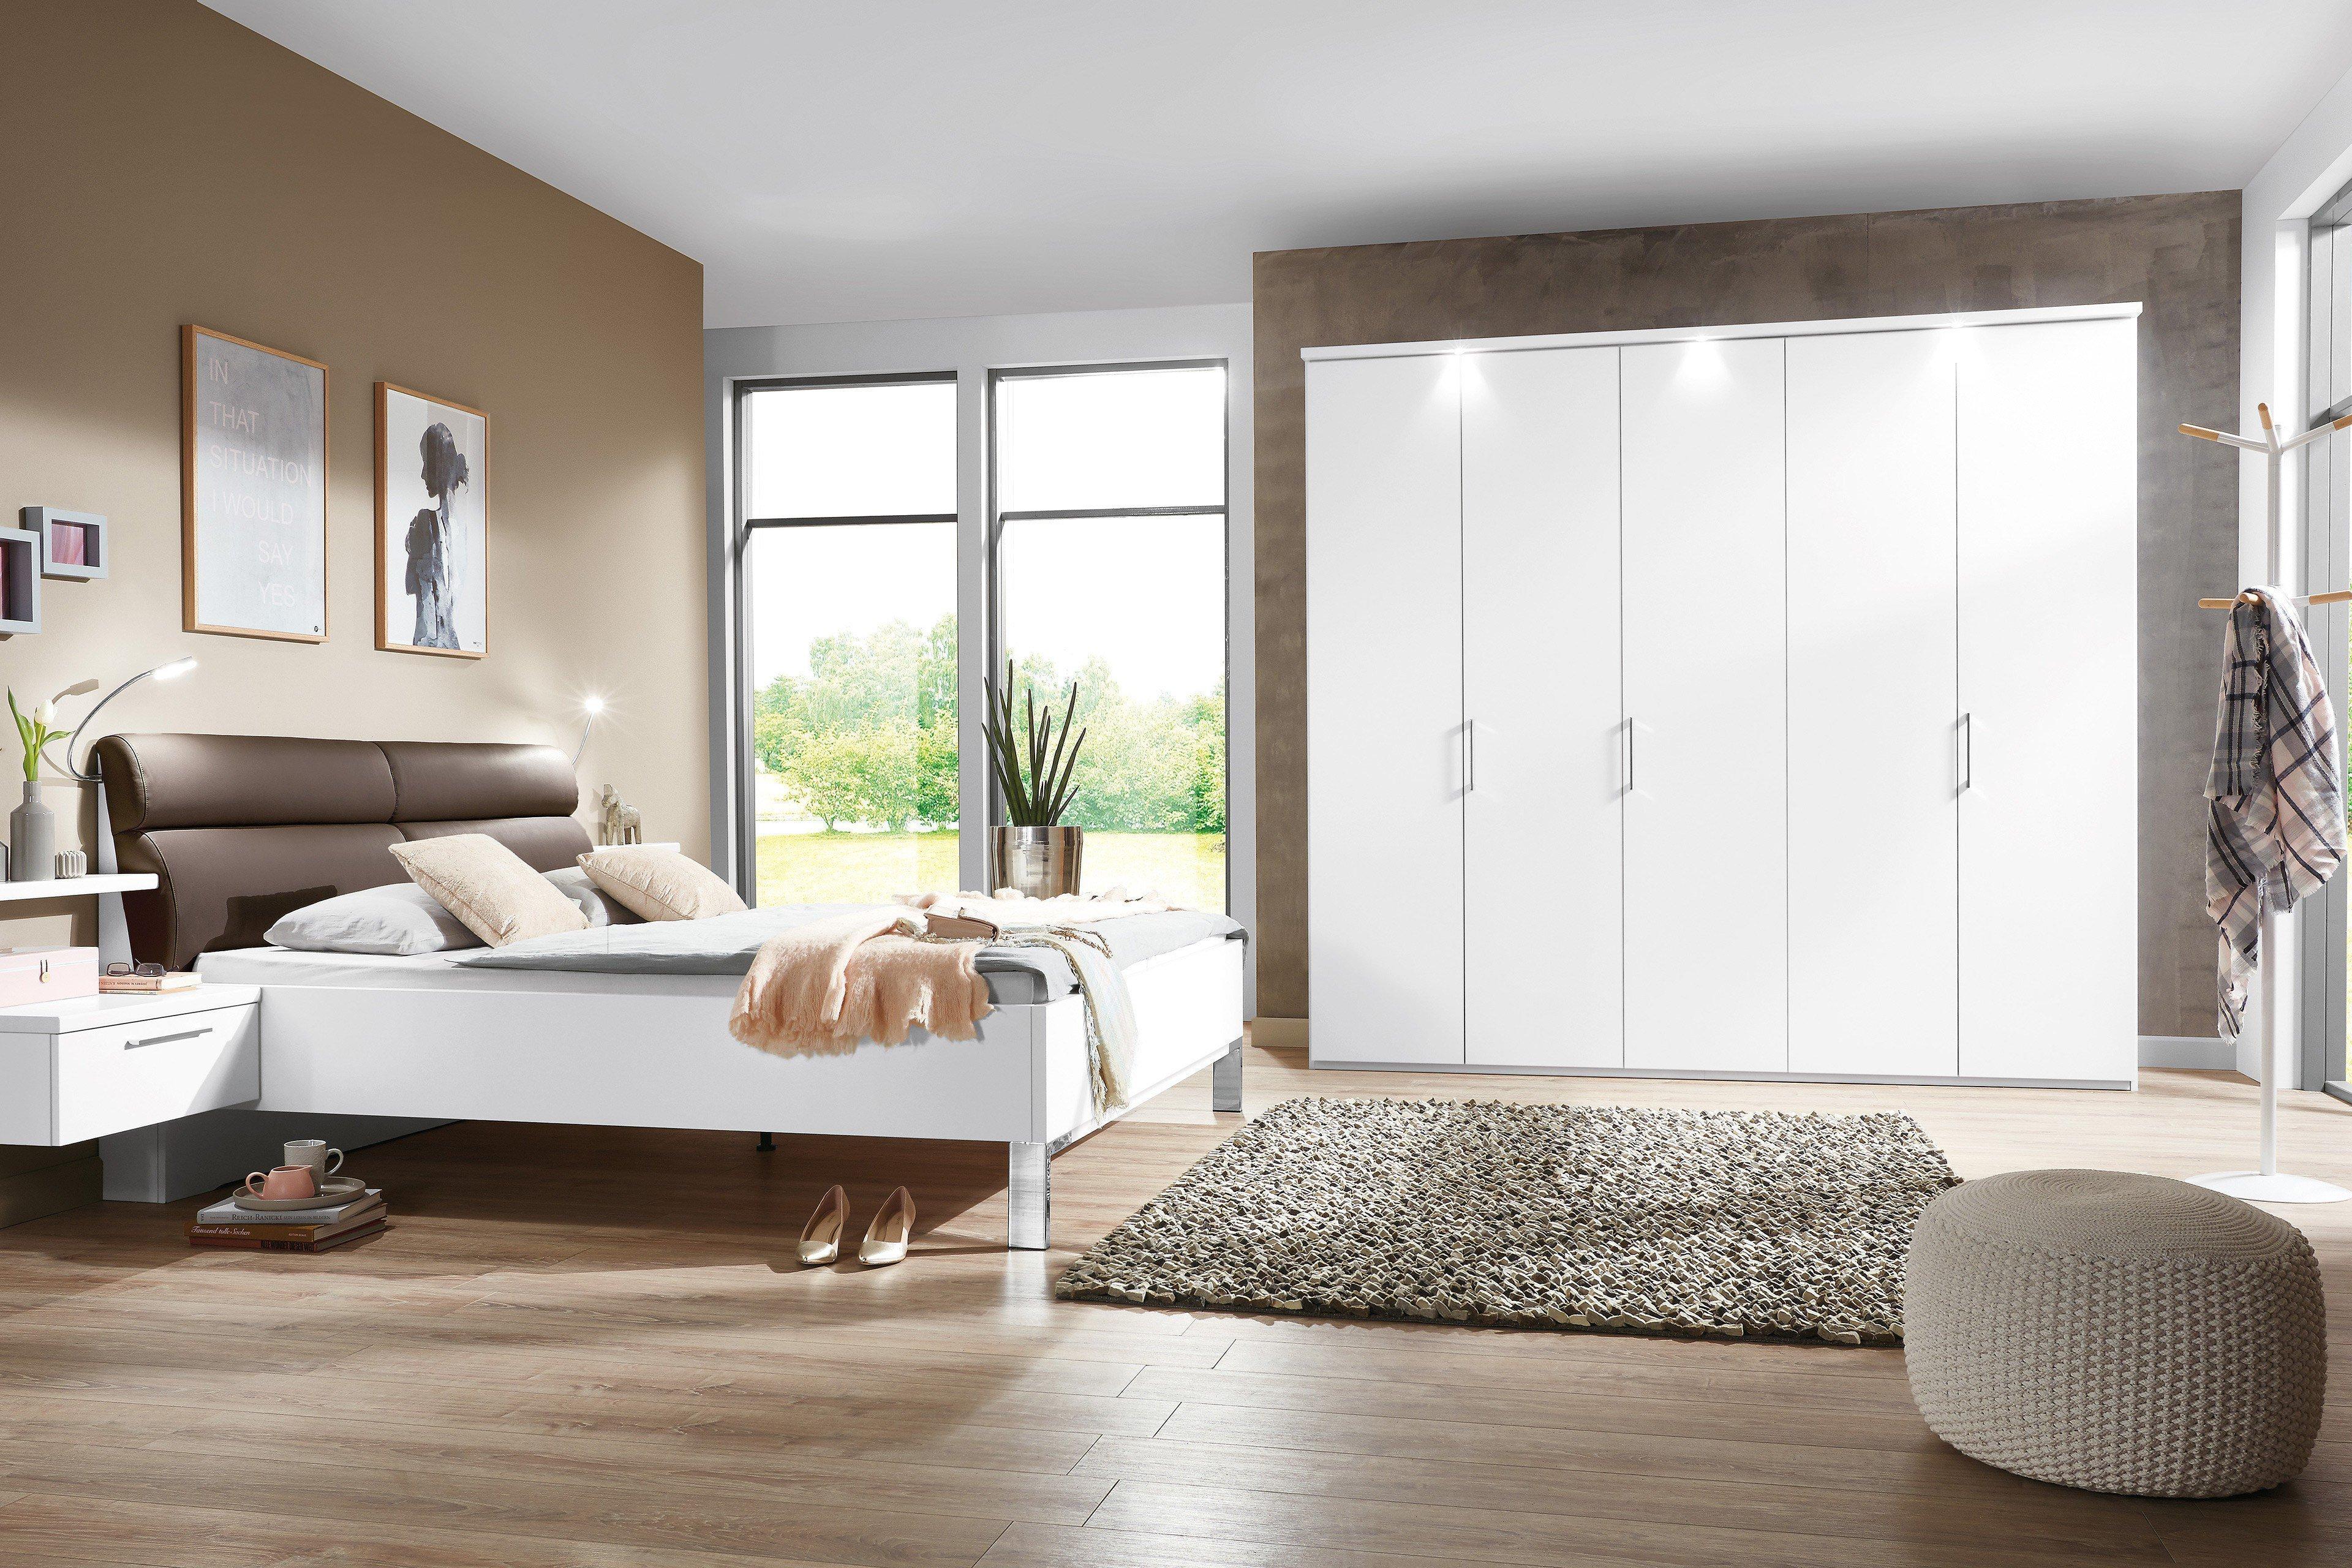 Top 5 Nachttisch Designs Schlafzimmer: House